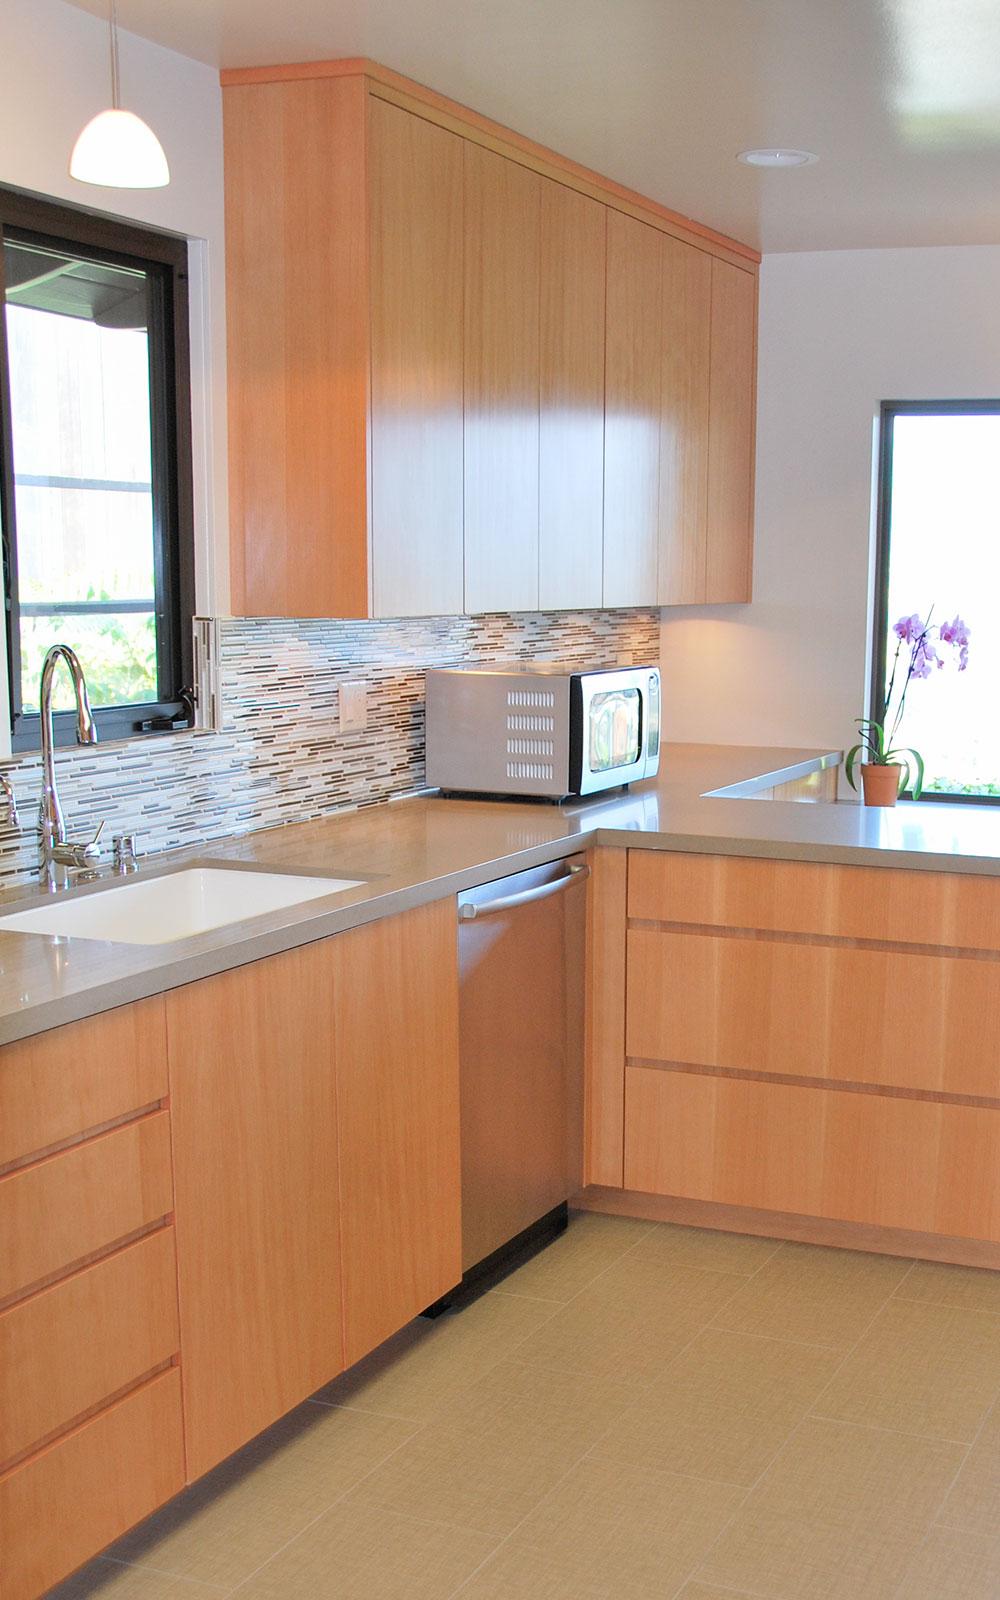 Sharon-Miyano-Interior-Design-Project-Kitchen-Detail.jpg